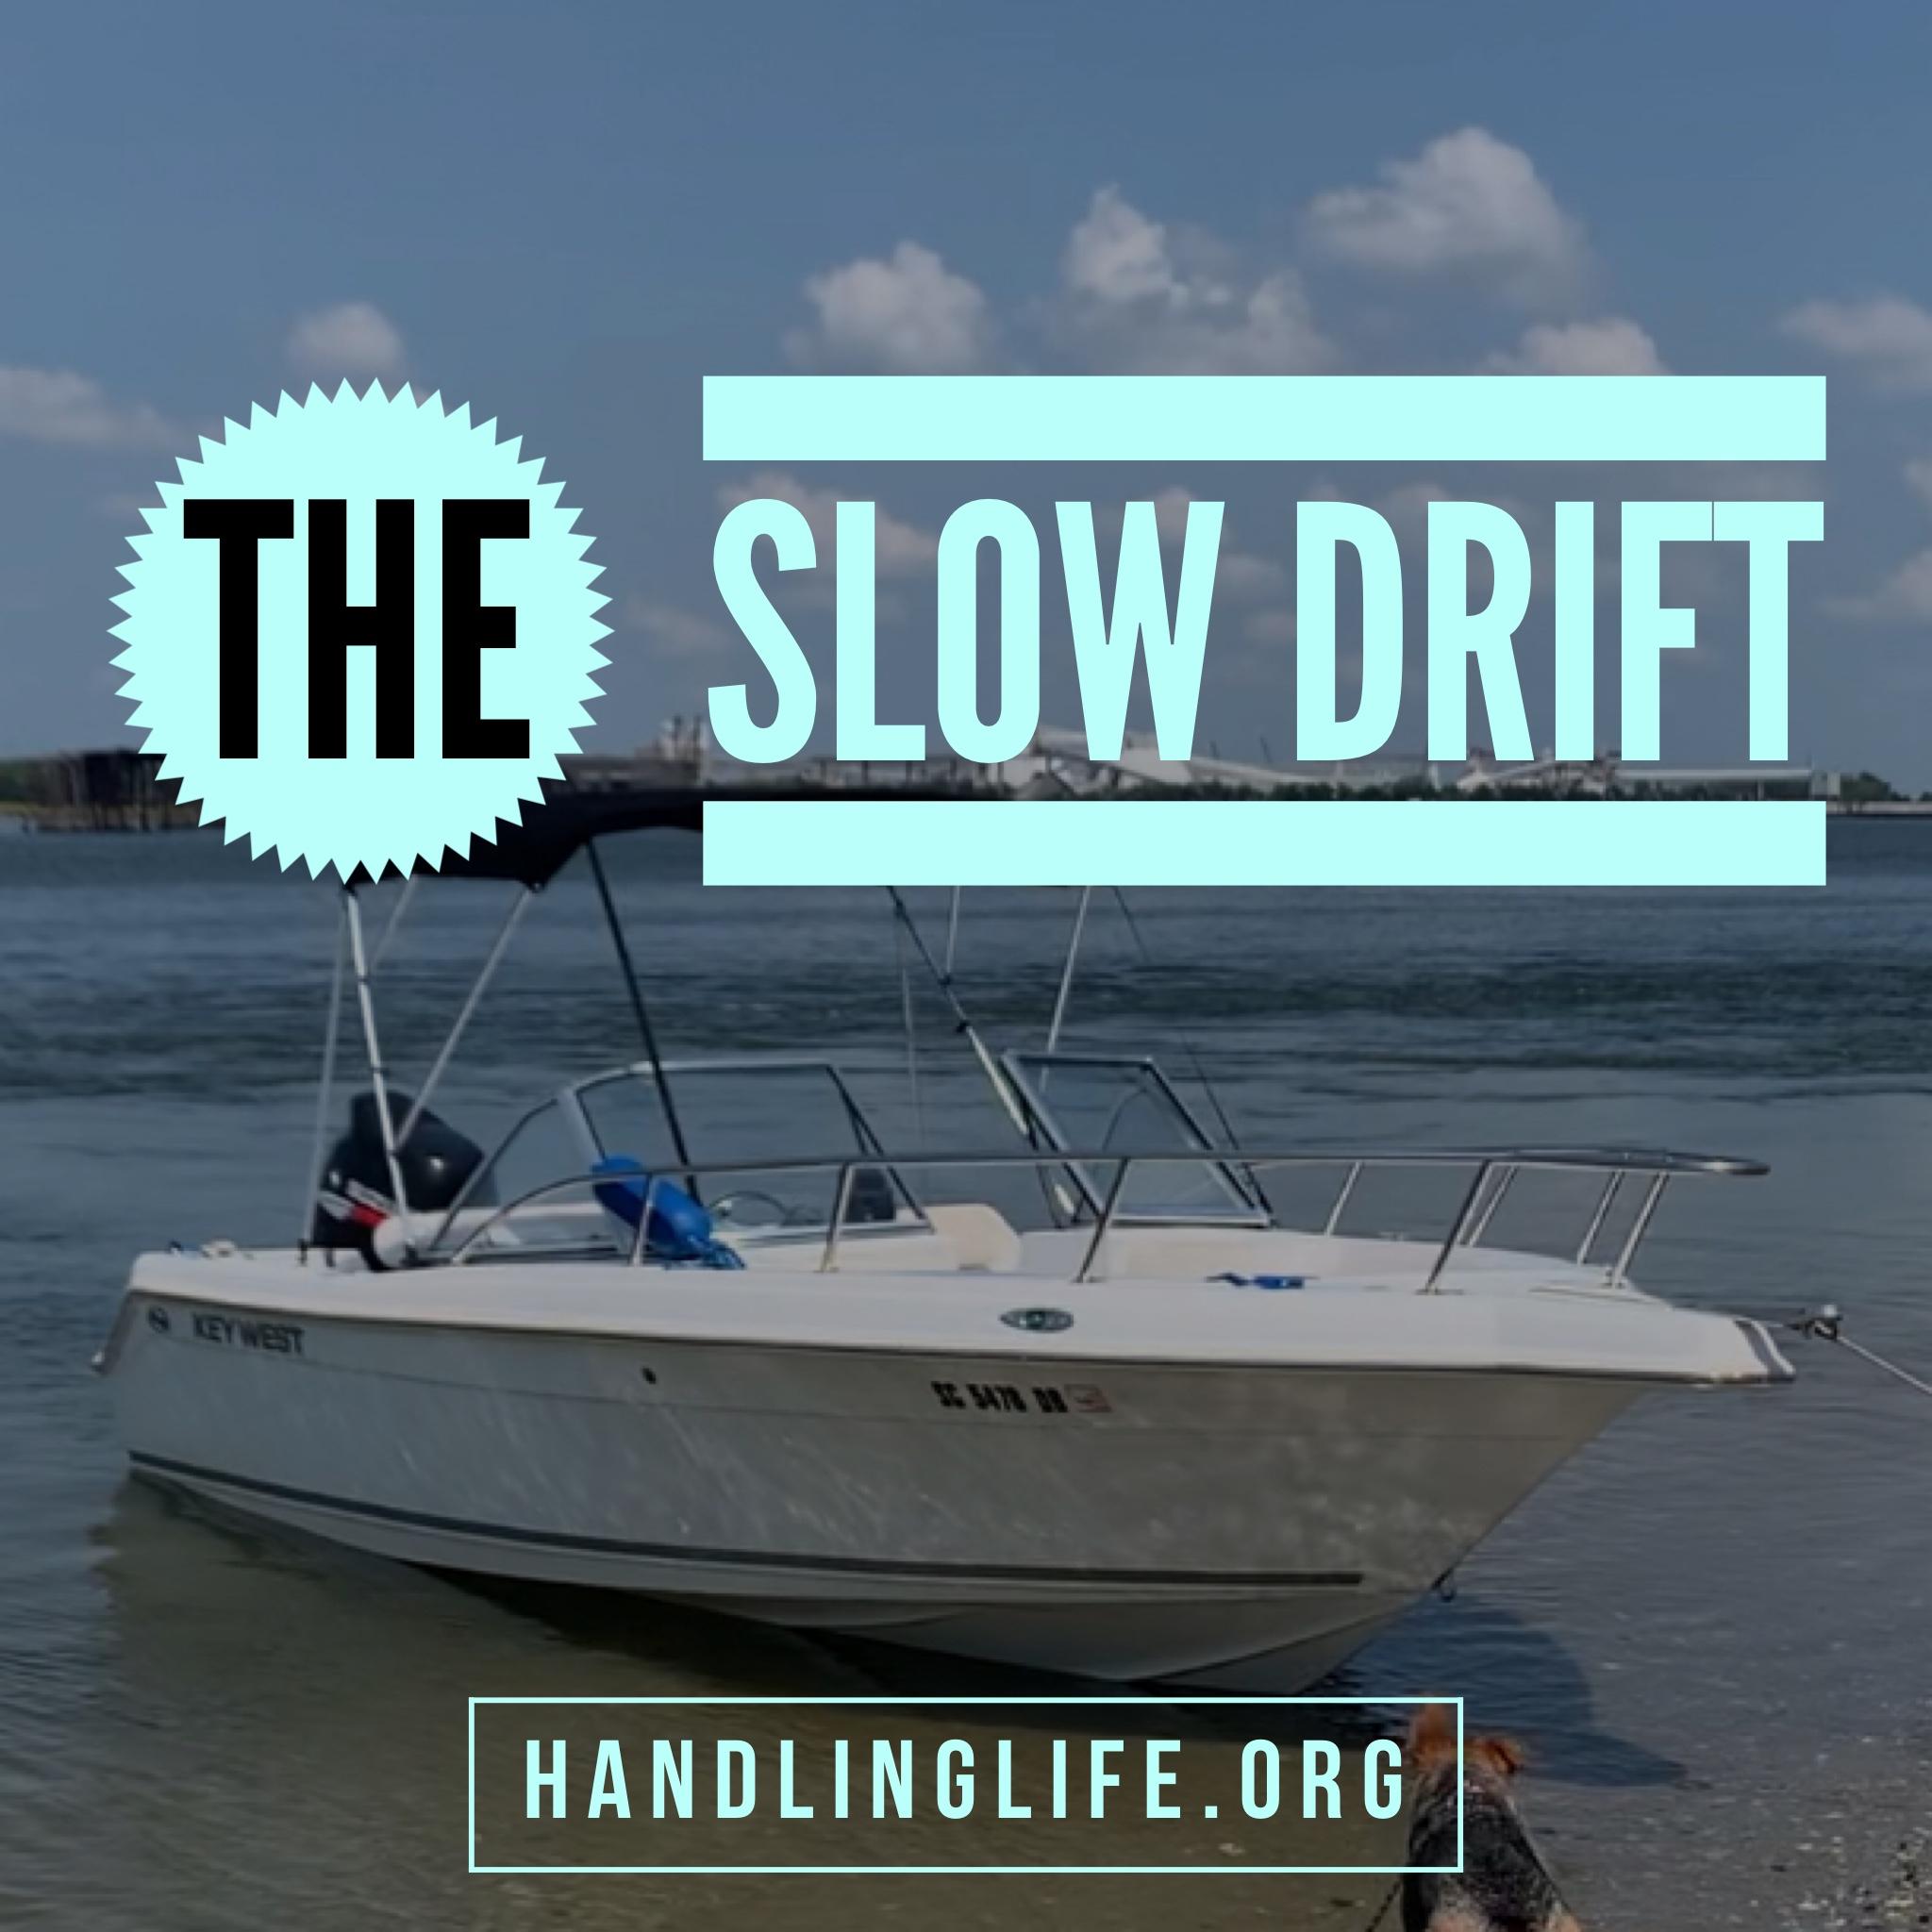 Artwork for The Slow Drift